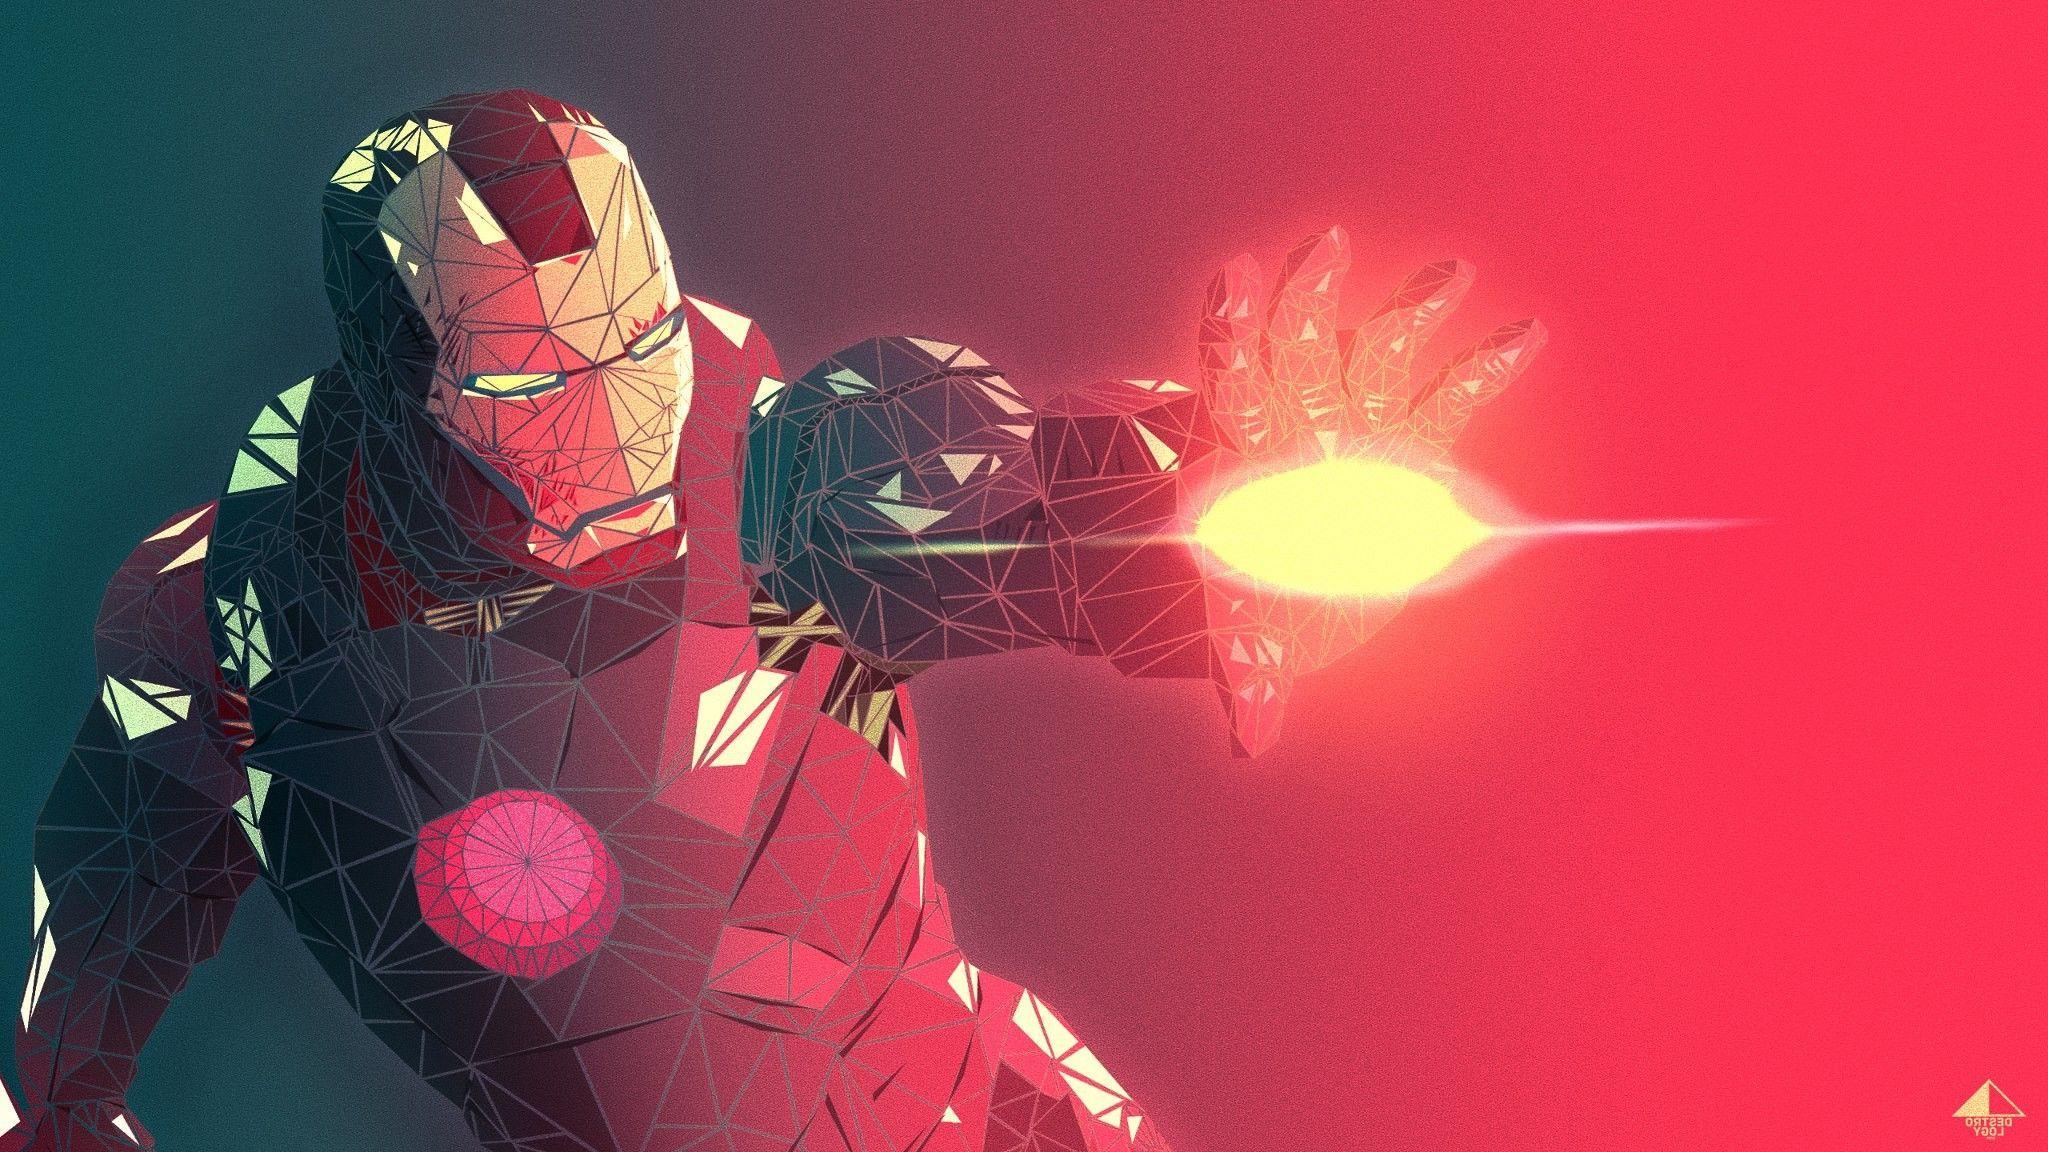 Iron Man Abstract Art Wallpaper